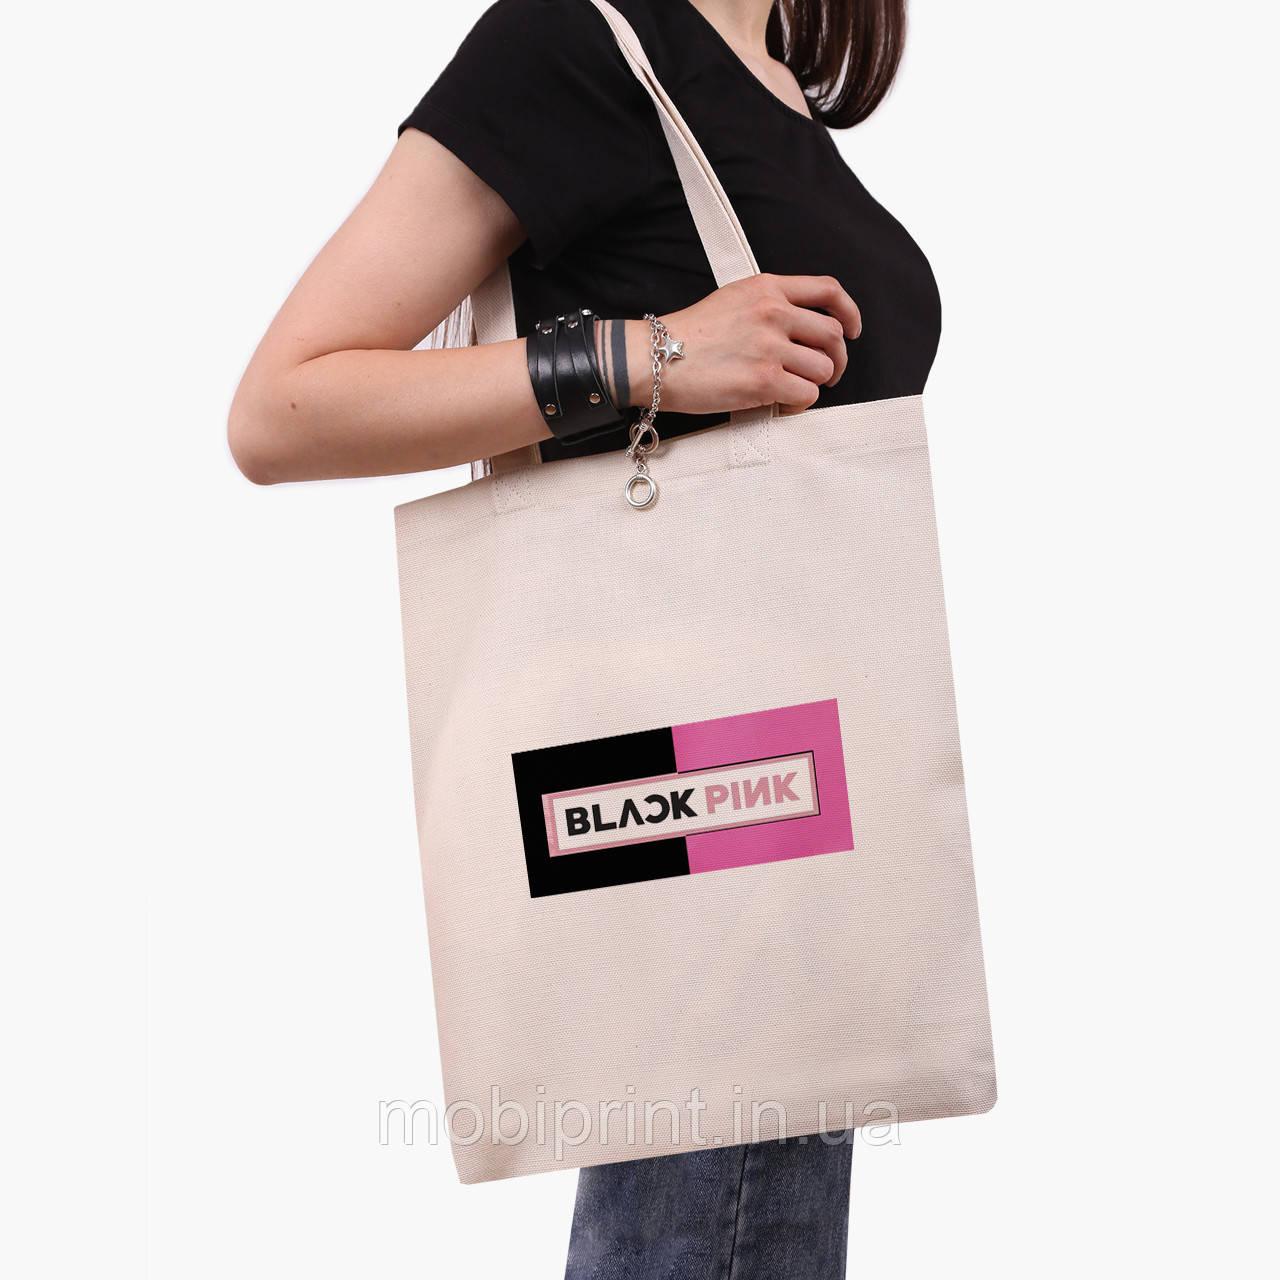 Эко сумка шоппер Блек Пинк (BlackPink) (9227-1344)  экосумка шопер 41*35 см